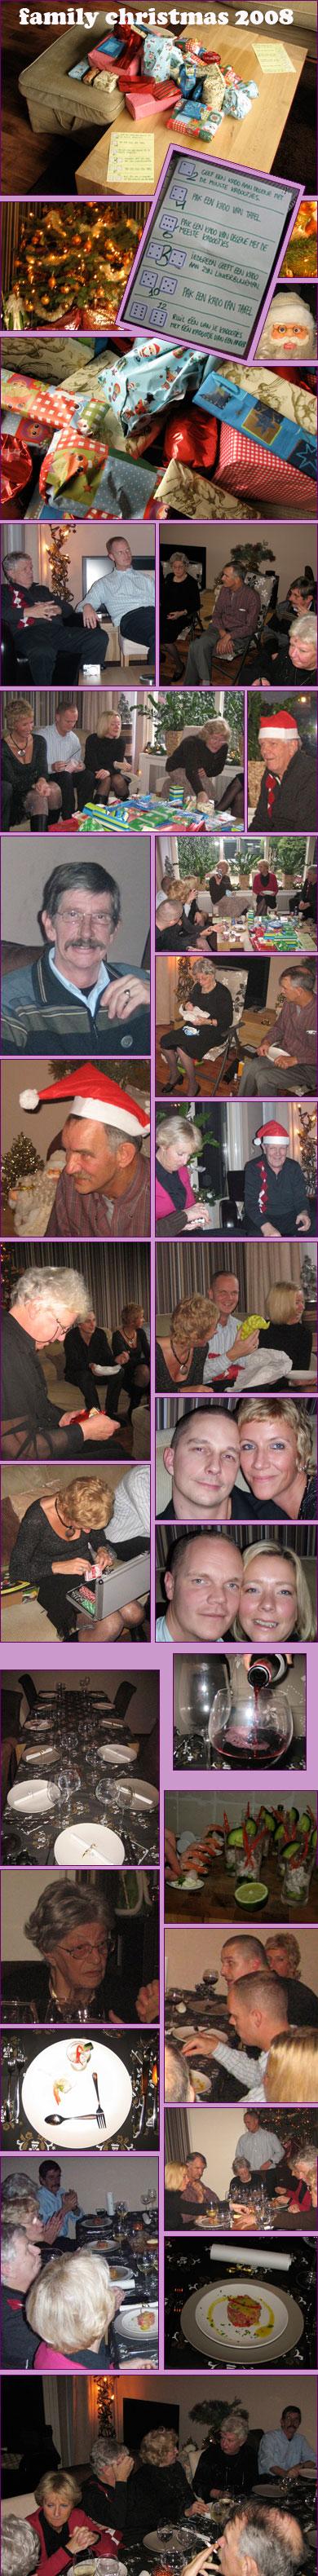 kerstmis met de hele familie, mijn zus en ik met onze mannen. Onze ouders, hun ouders en oma. supergezellige dag gehad!